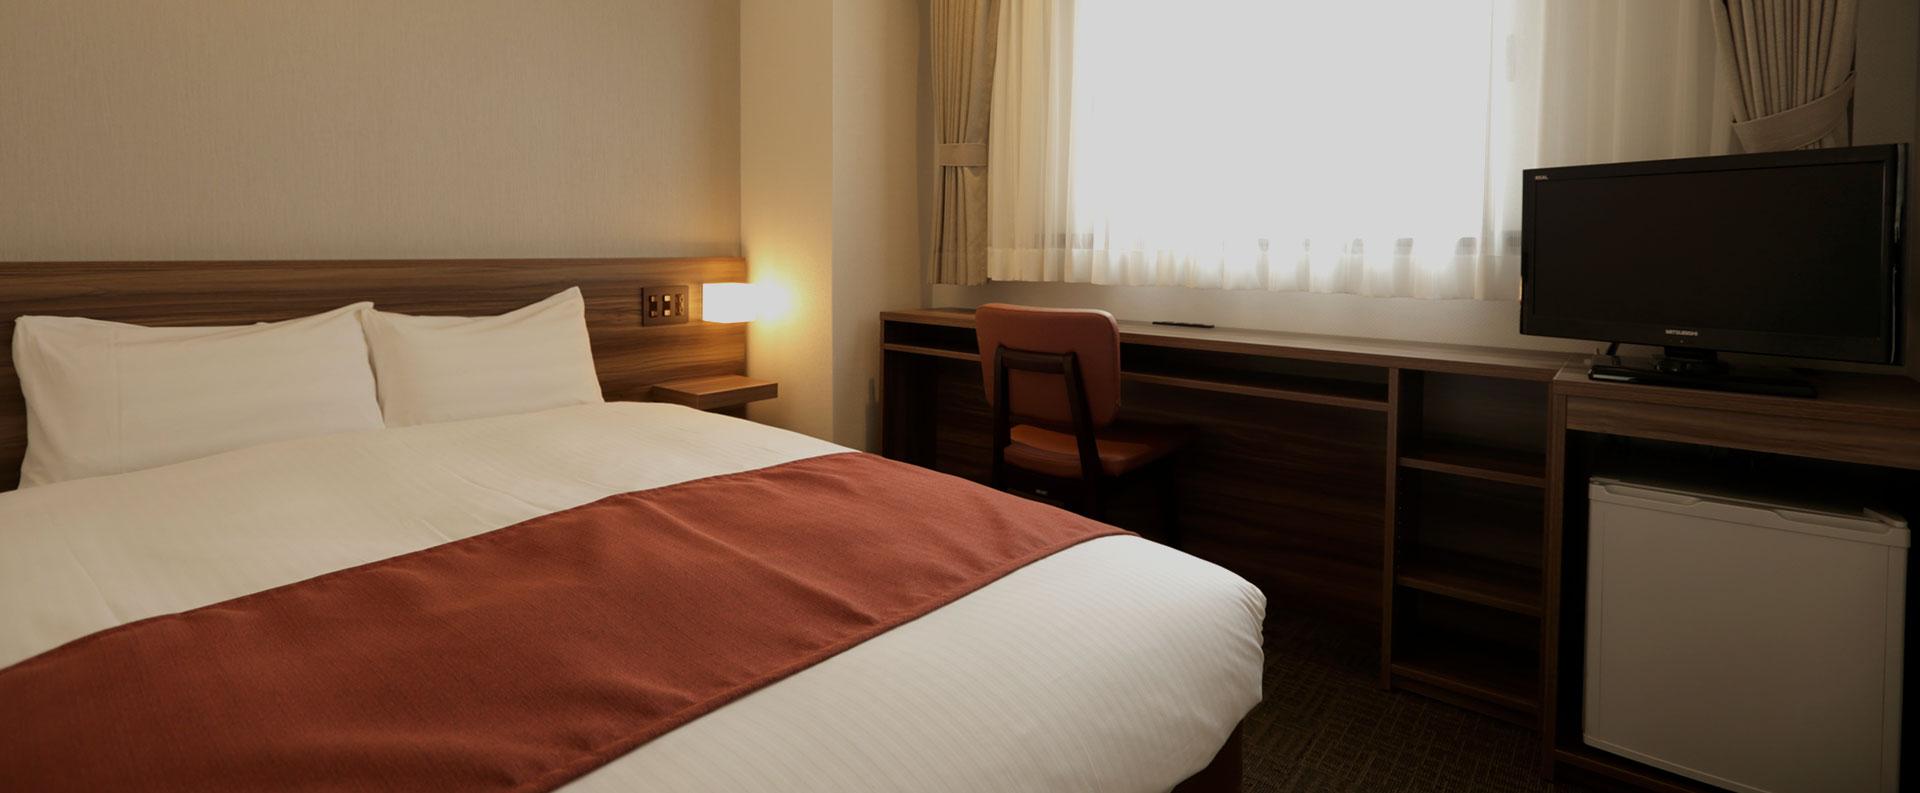 도에이 아사쿠사선 마고메역에서 걸어서 10초 집과 같은 안락한 밤을 약속합니다. Tokyo Inn